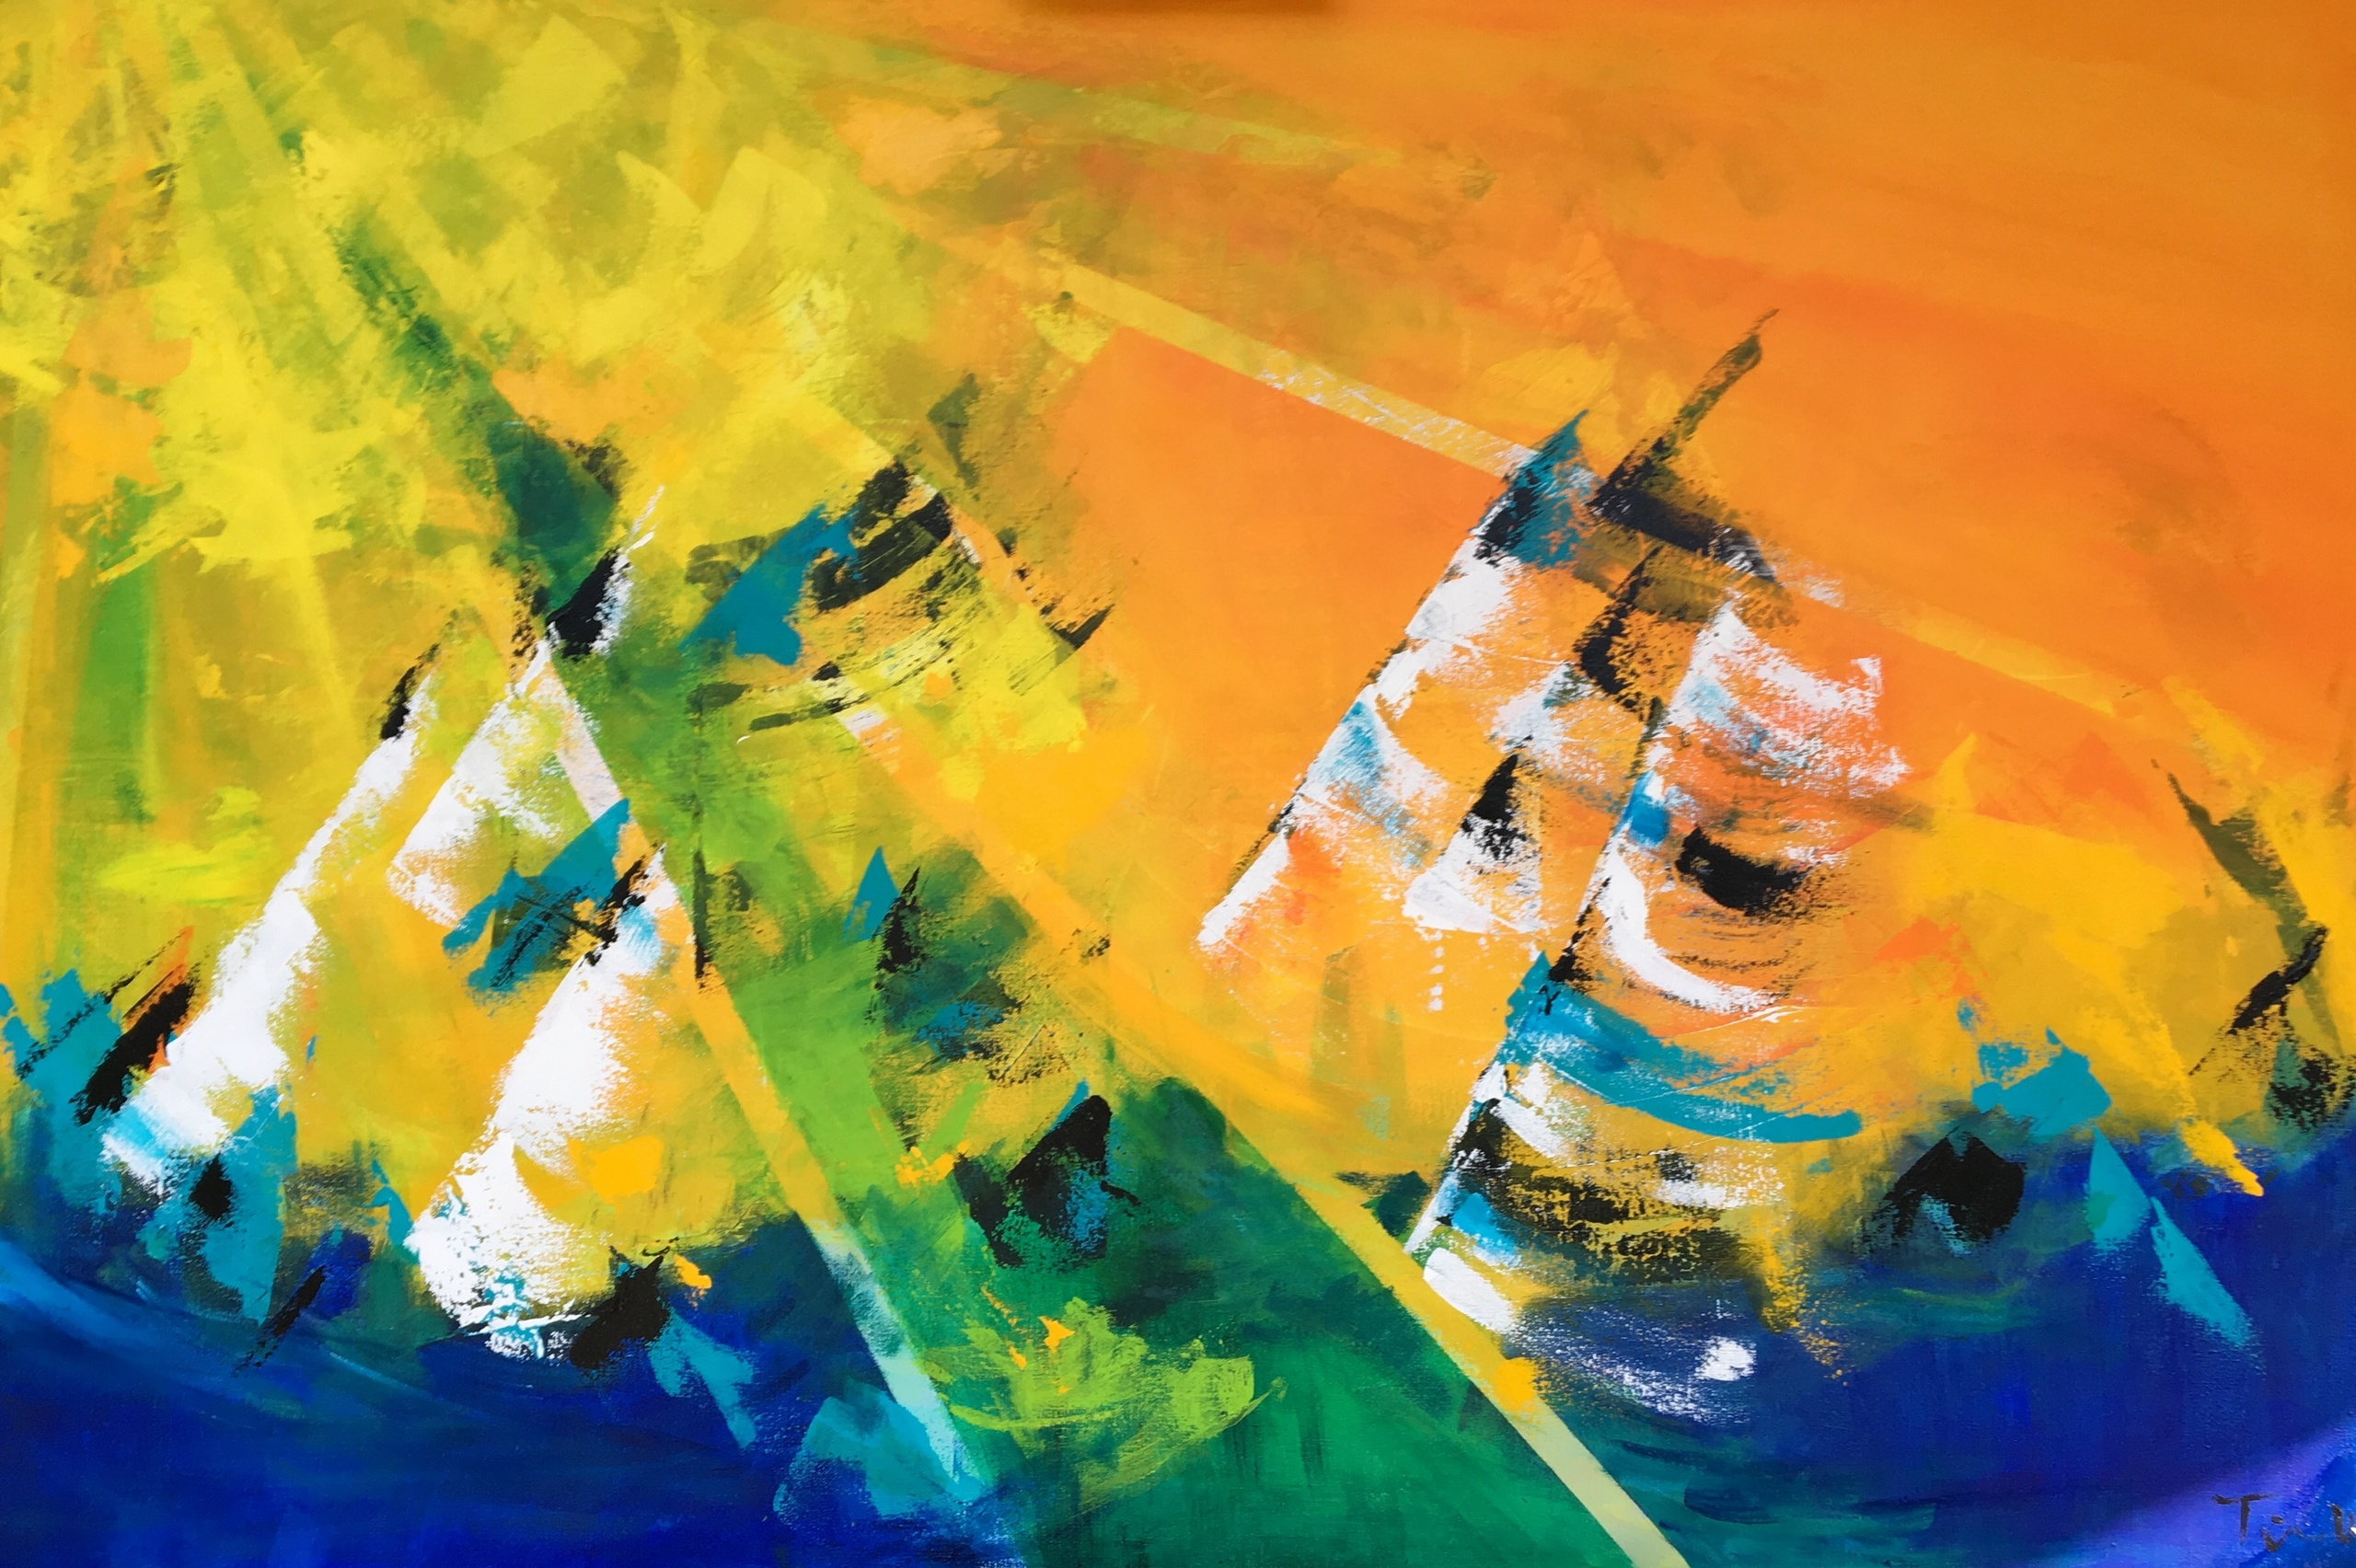 Selv om maleriet er abstrakt fornemmer man de hvide sejl - bølgernes vuggen - og solen der skinner.